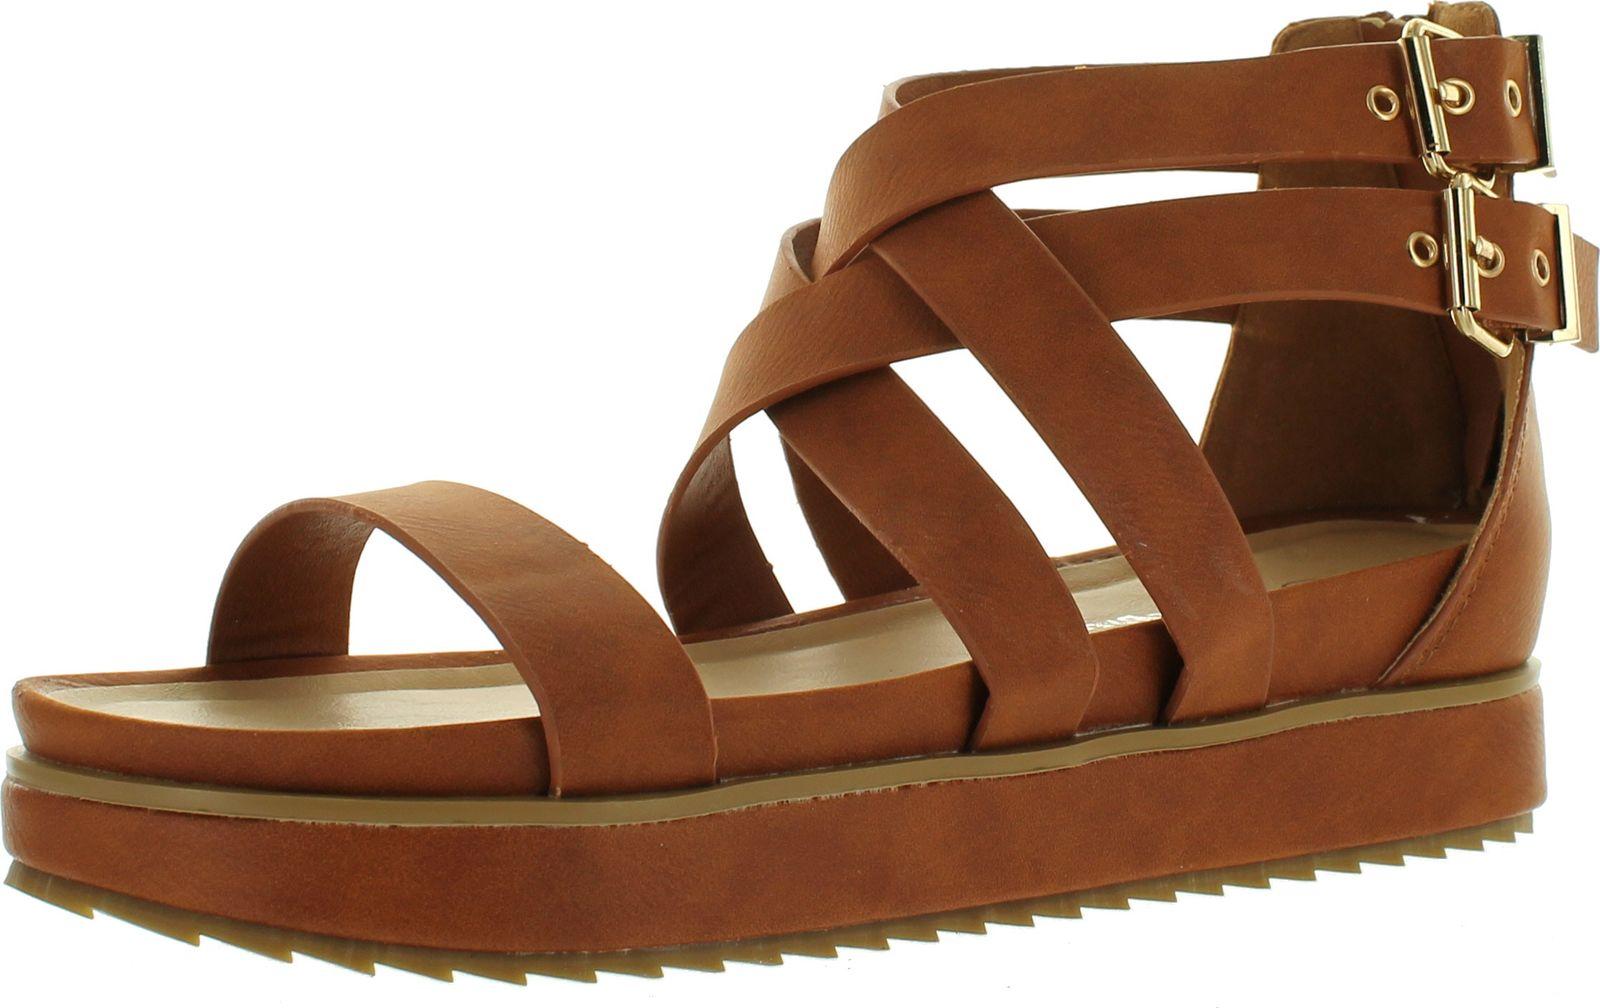 0d5740fe2a Nature Breeze Women Gorgeous-02 Leatherette Open Toe Strappy Flatform Flat  Sandal - Tan - ShoeCenter.com